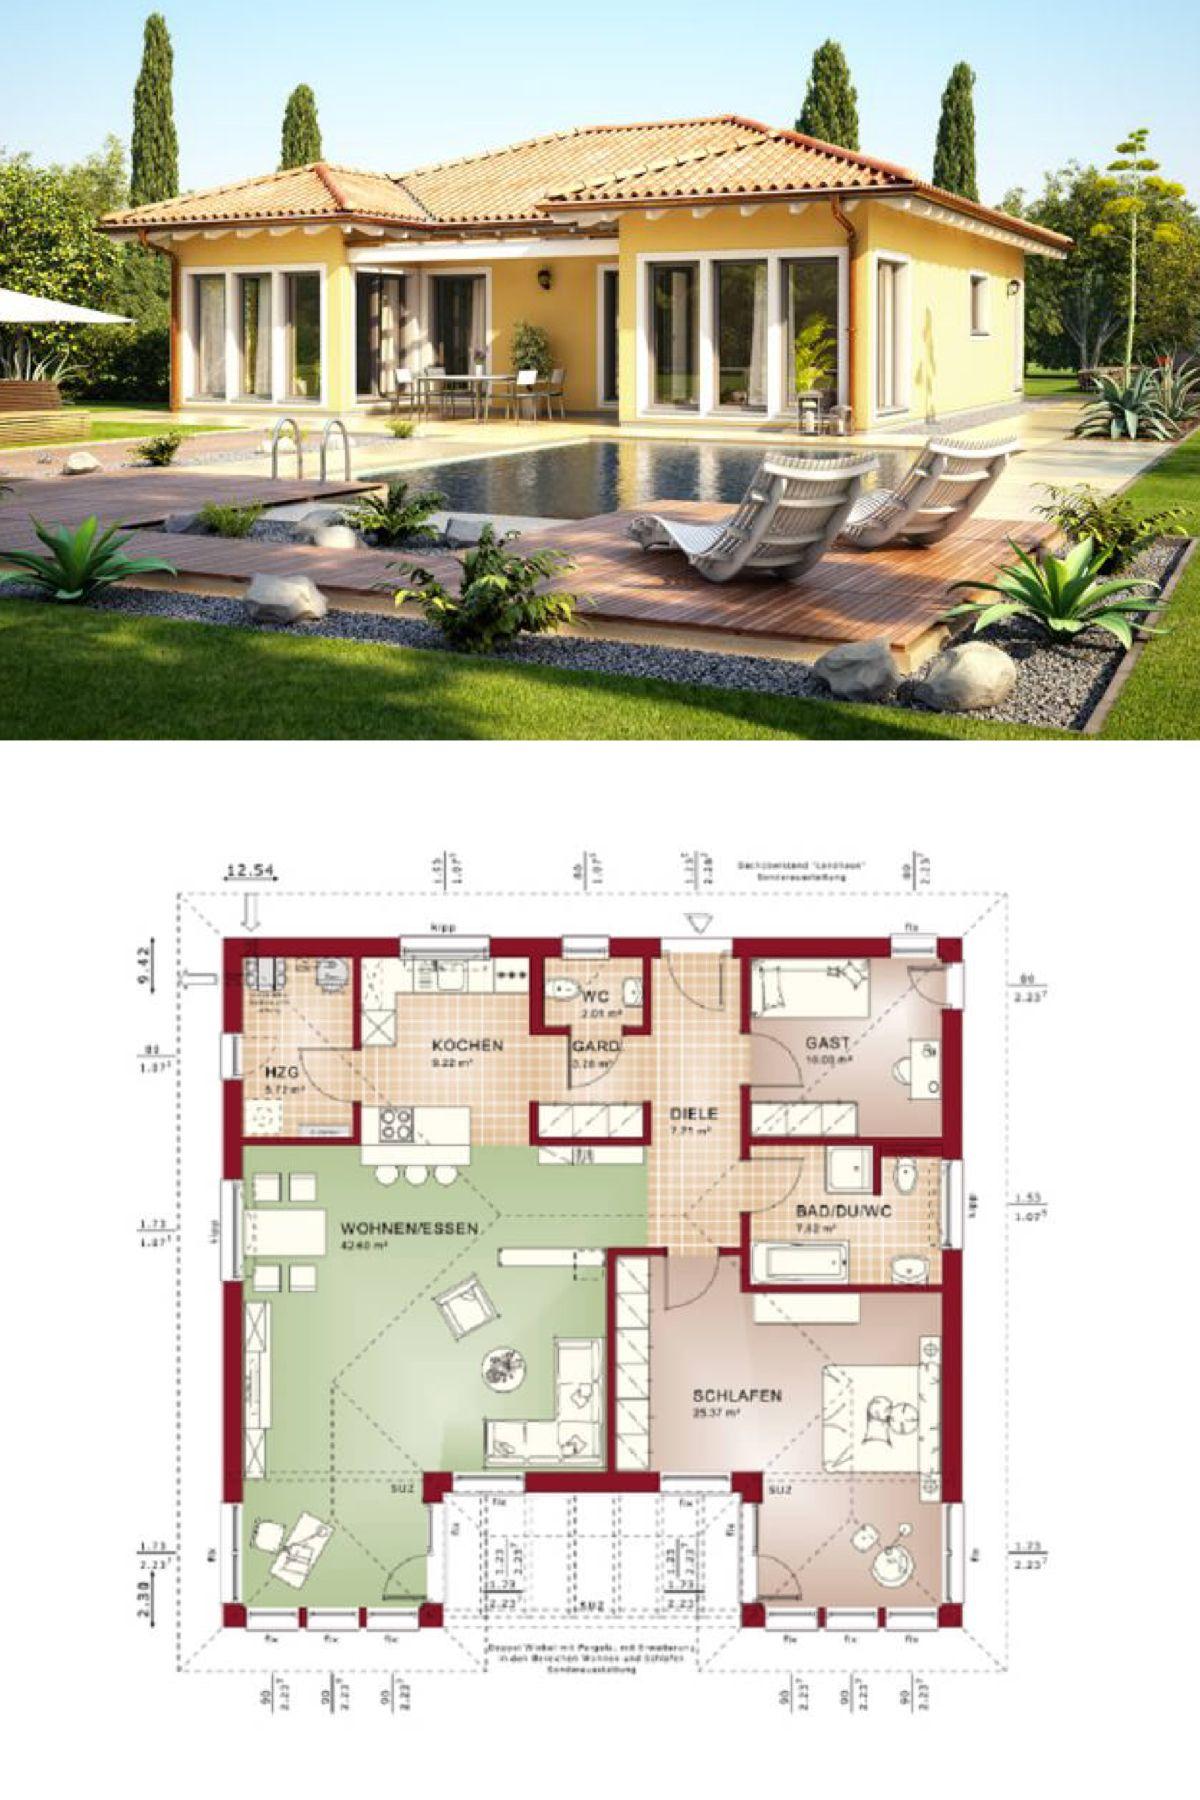 Fertighaus mediterran bungalow  Bungalow Haus Evolution 100 V4 Bien Zenker - Fertighaus Mediterran ...